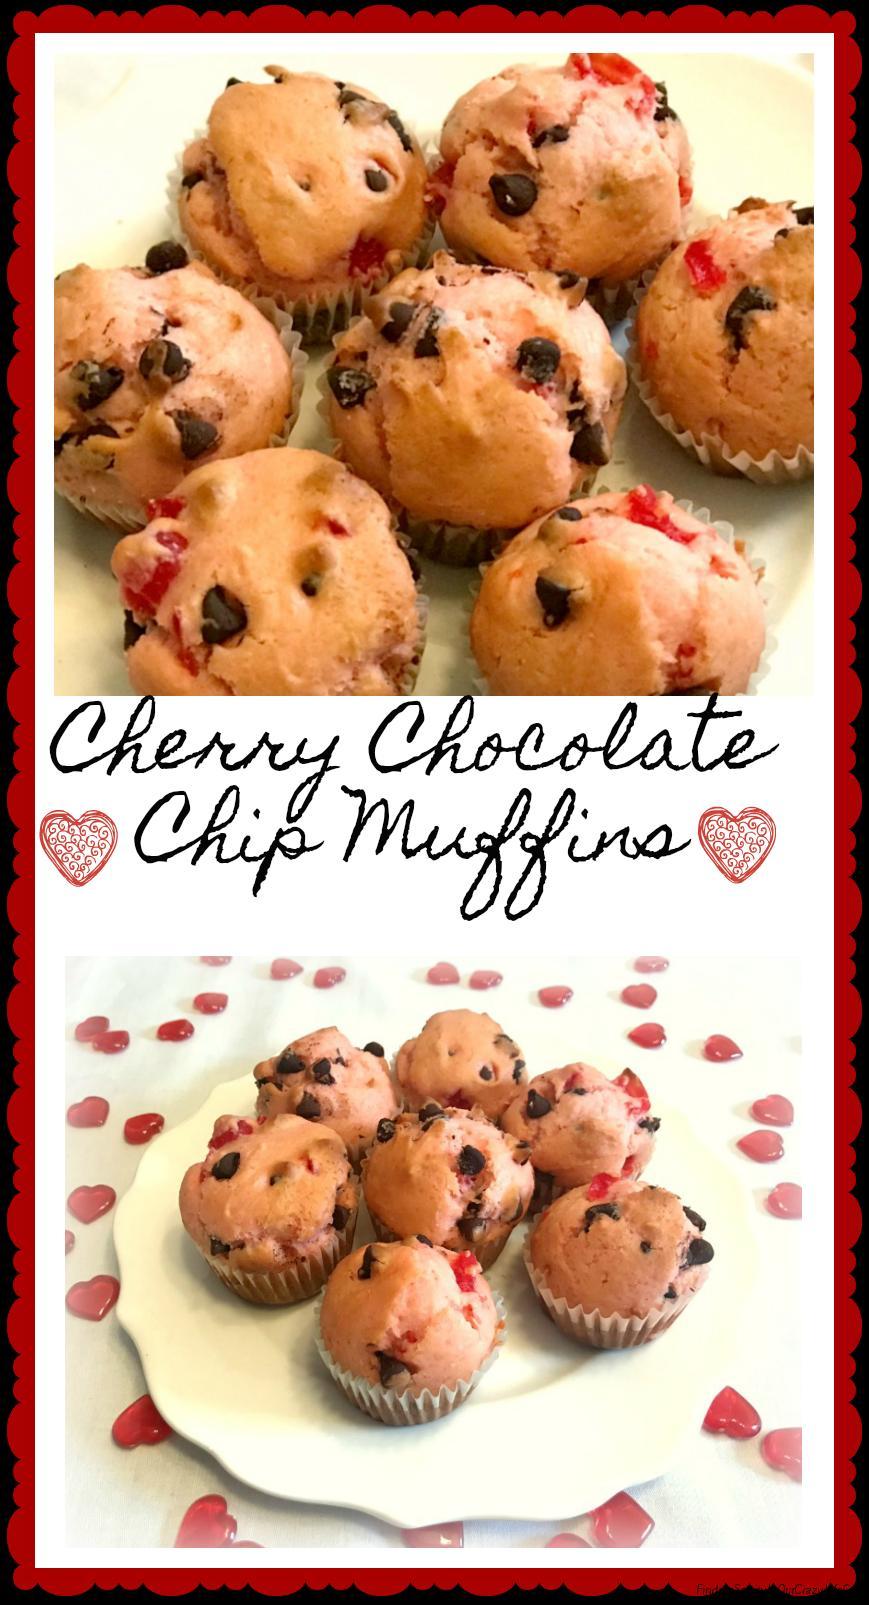 cherry chocolate chip muffins